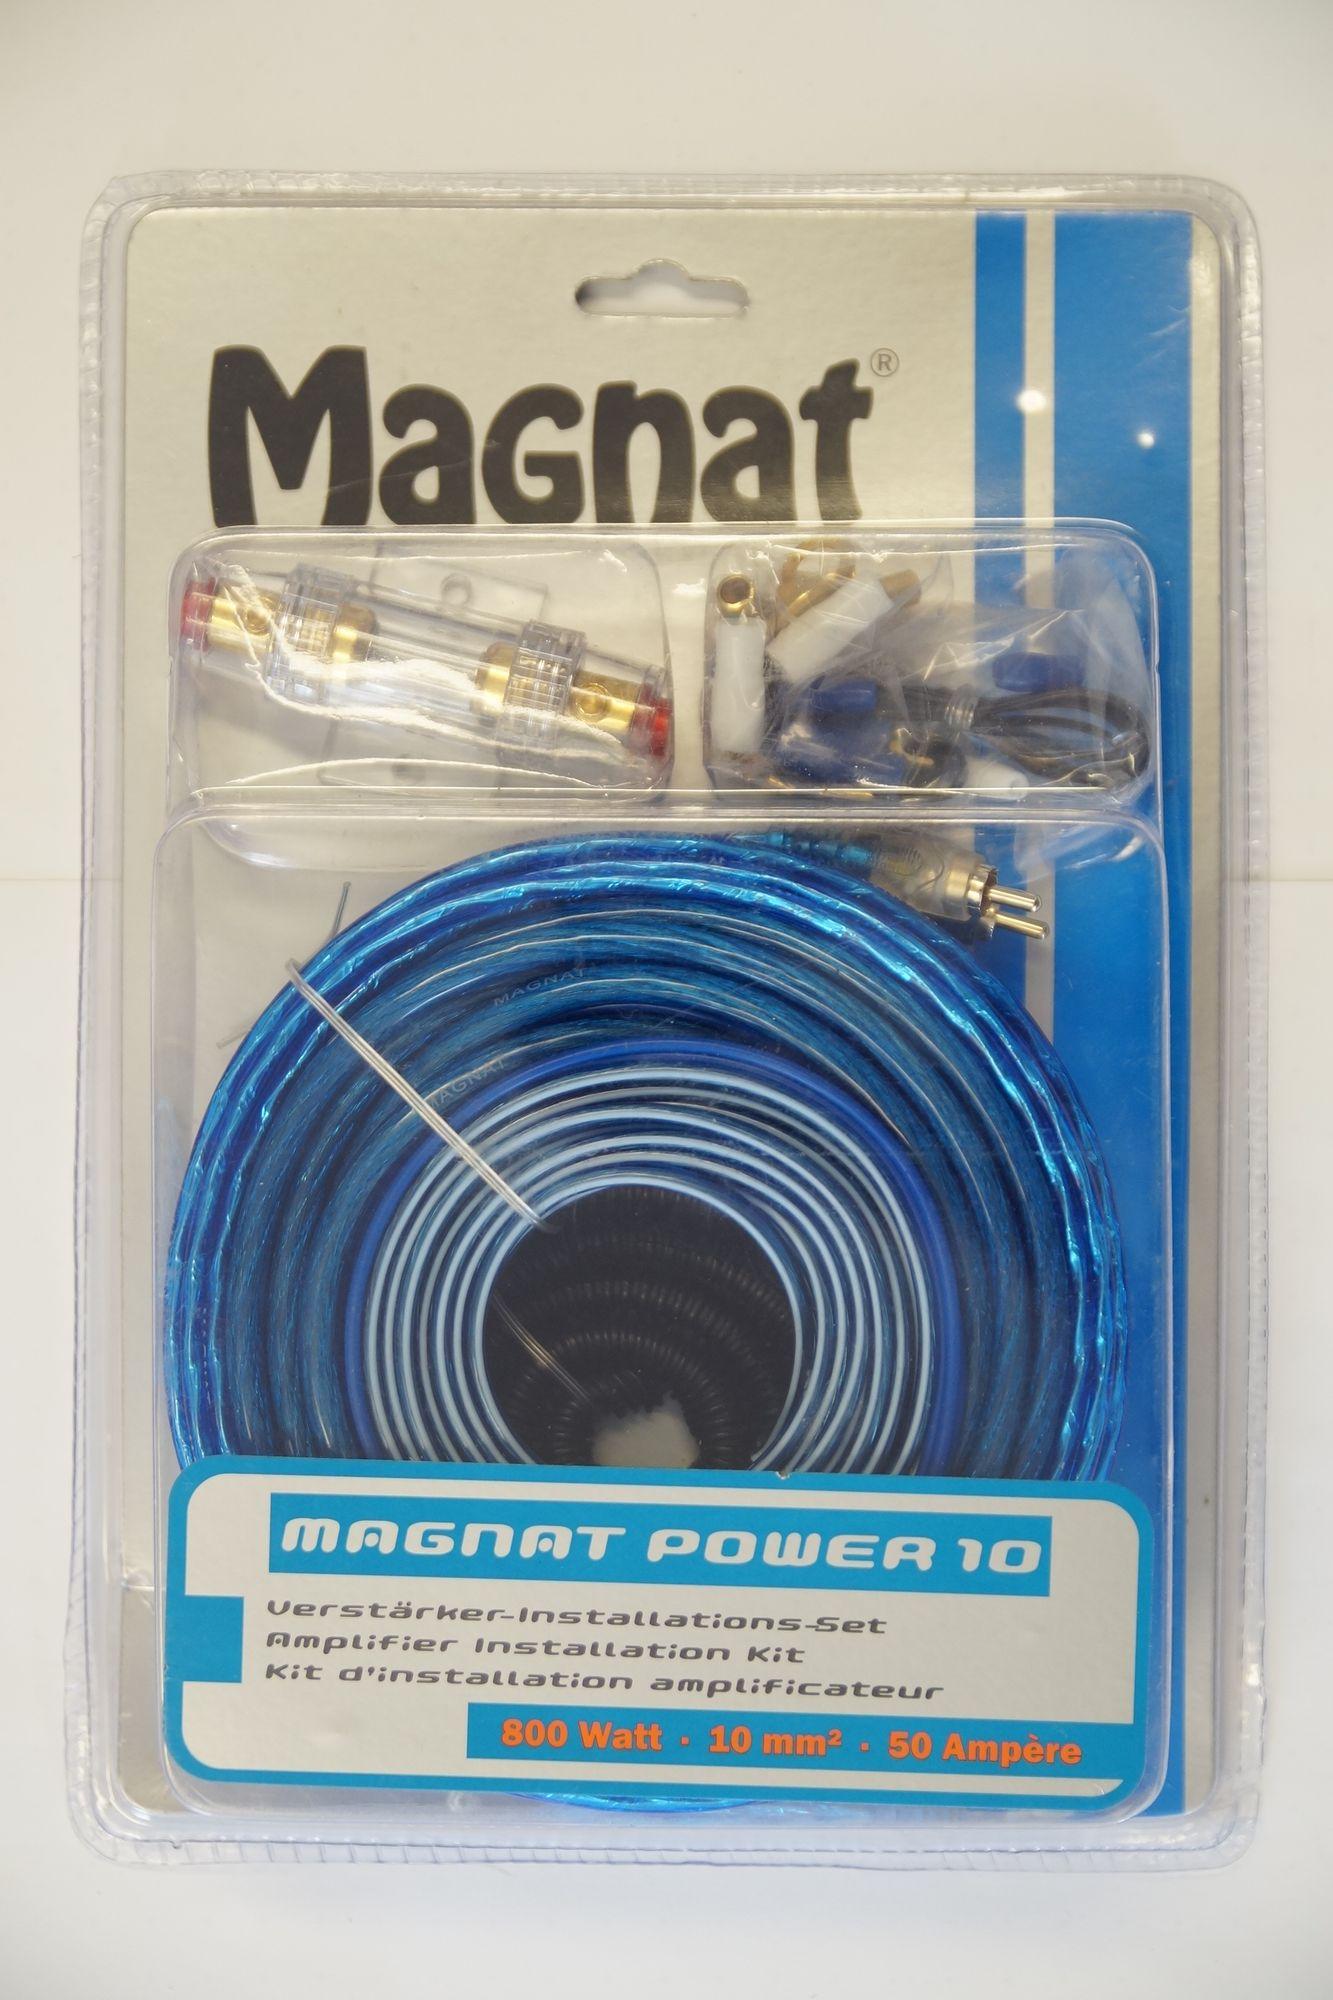 Magnat Power 10 Car Hifi-Auto Kabel-Set AMP KIT 10 mm², Neu-Ware 001